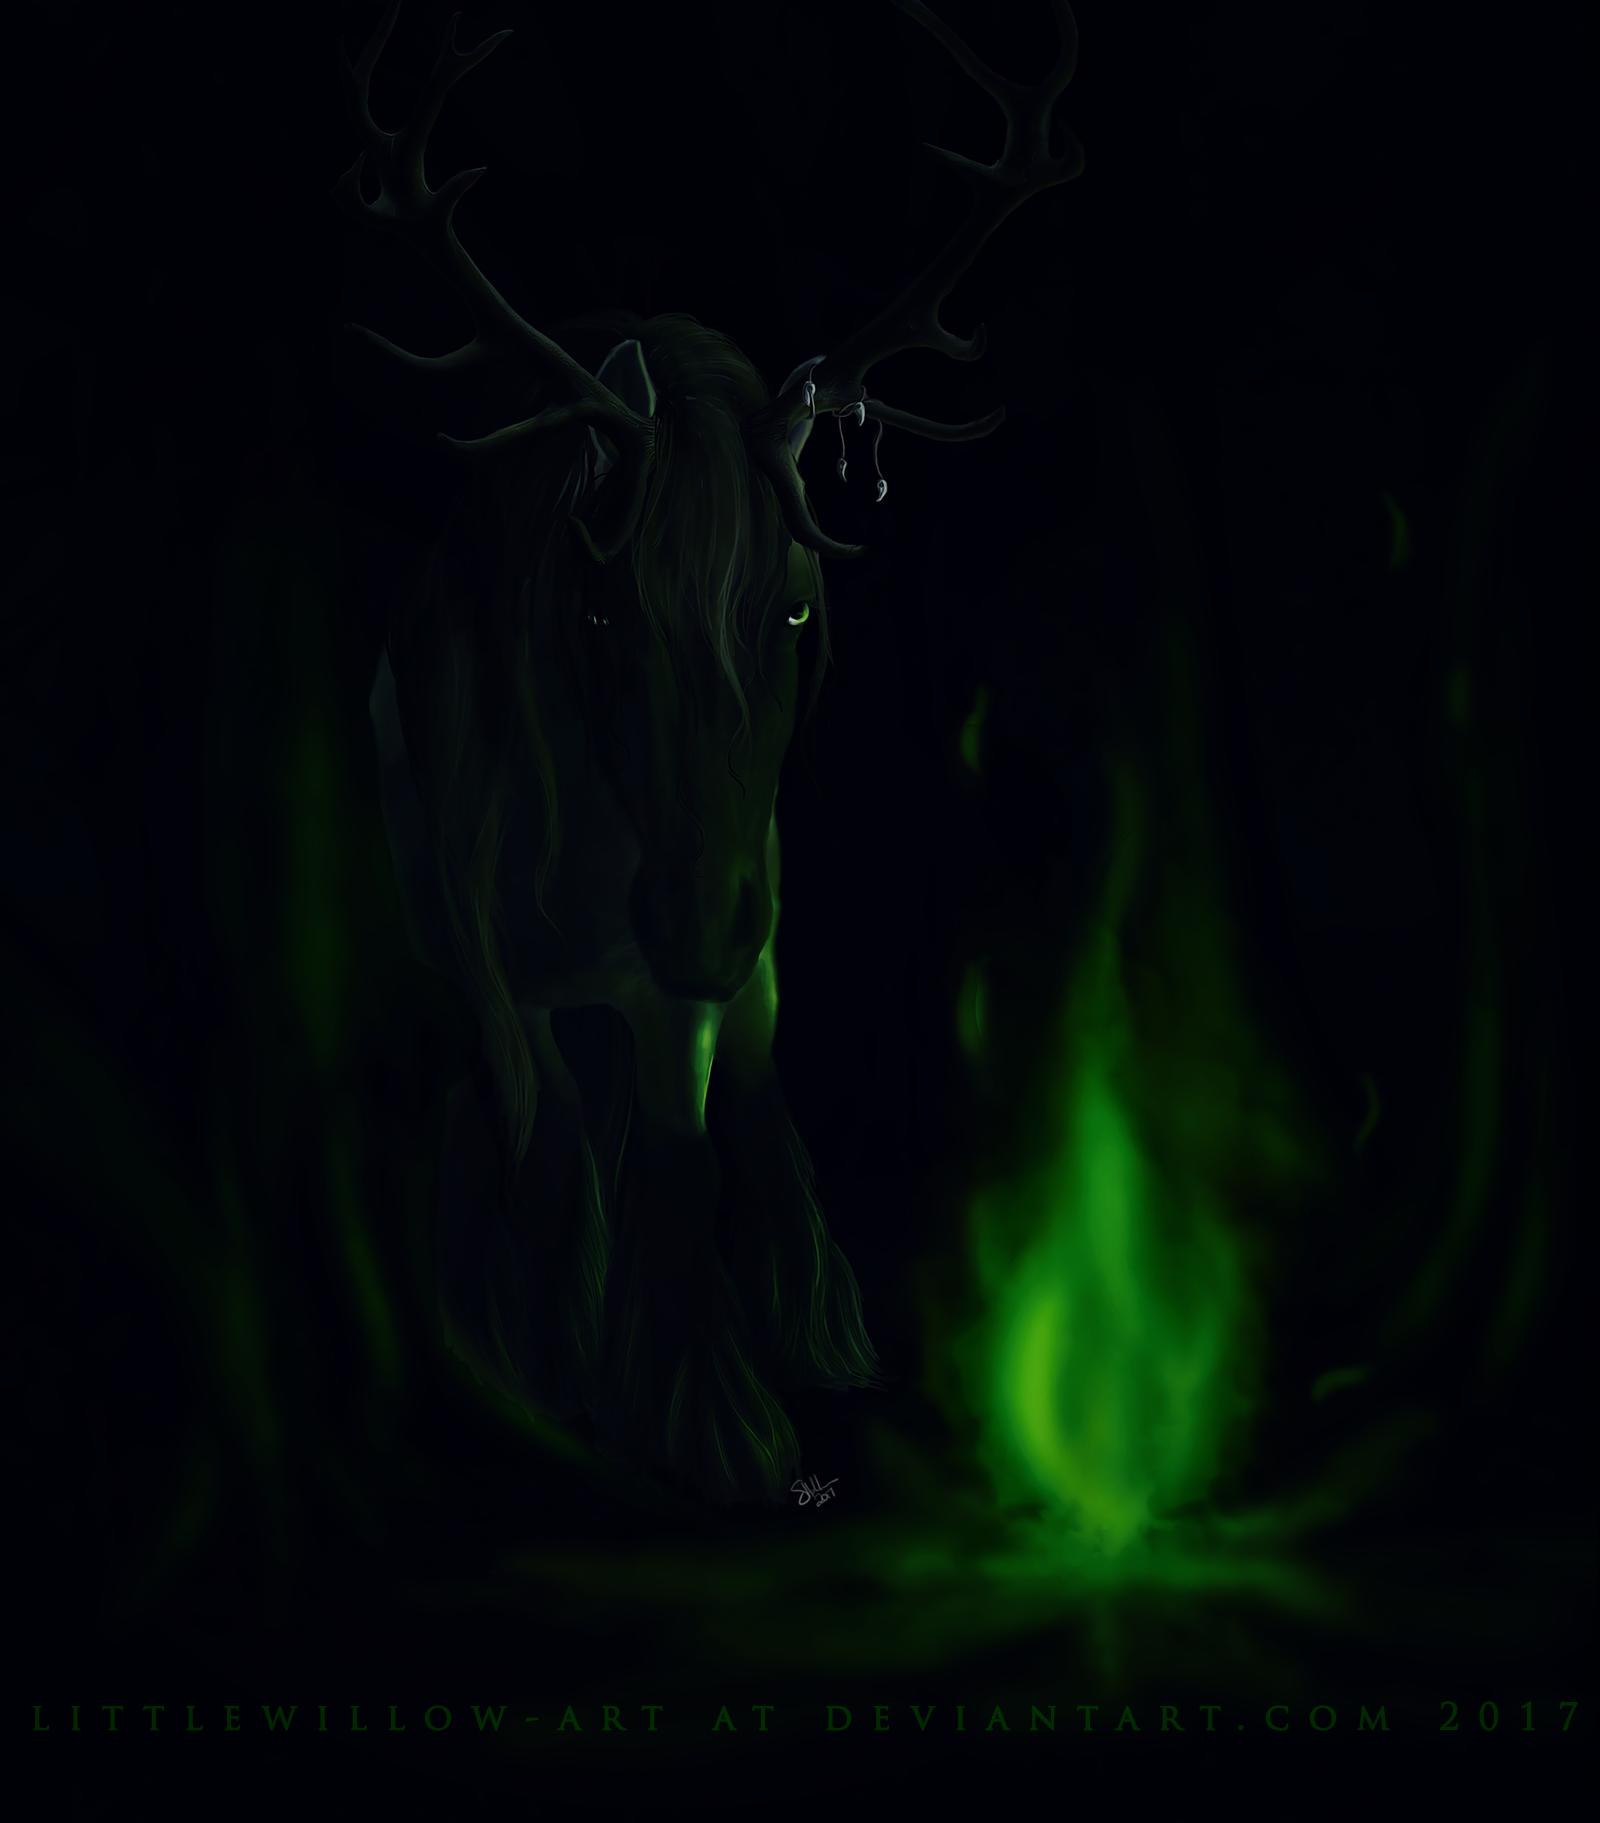 deep magic by littlewillow-art